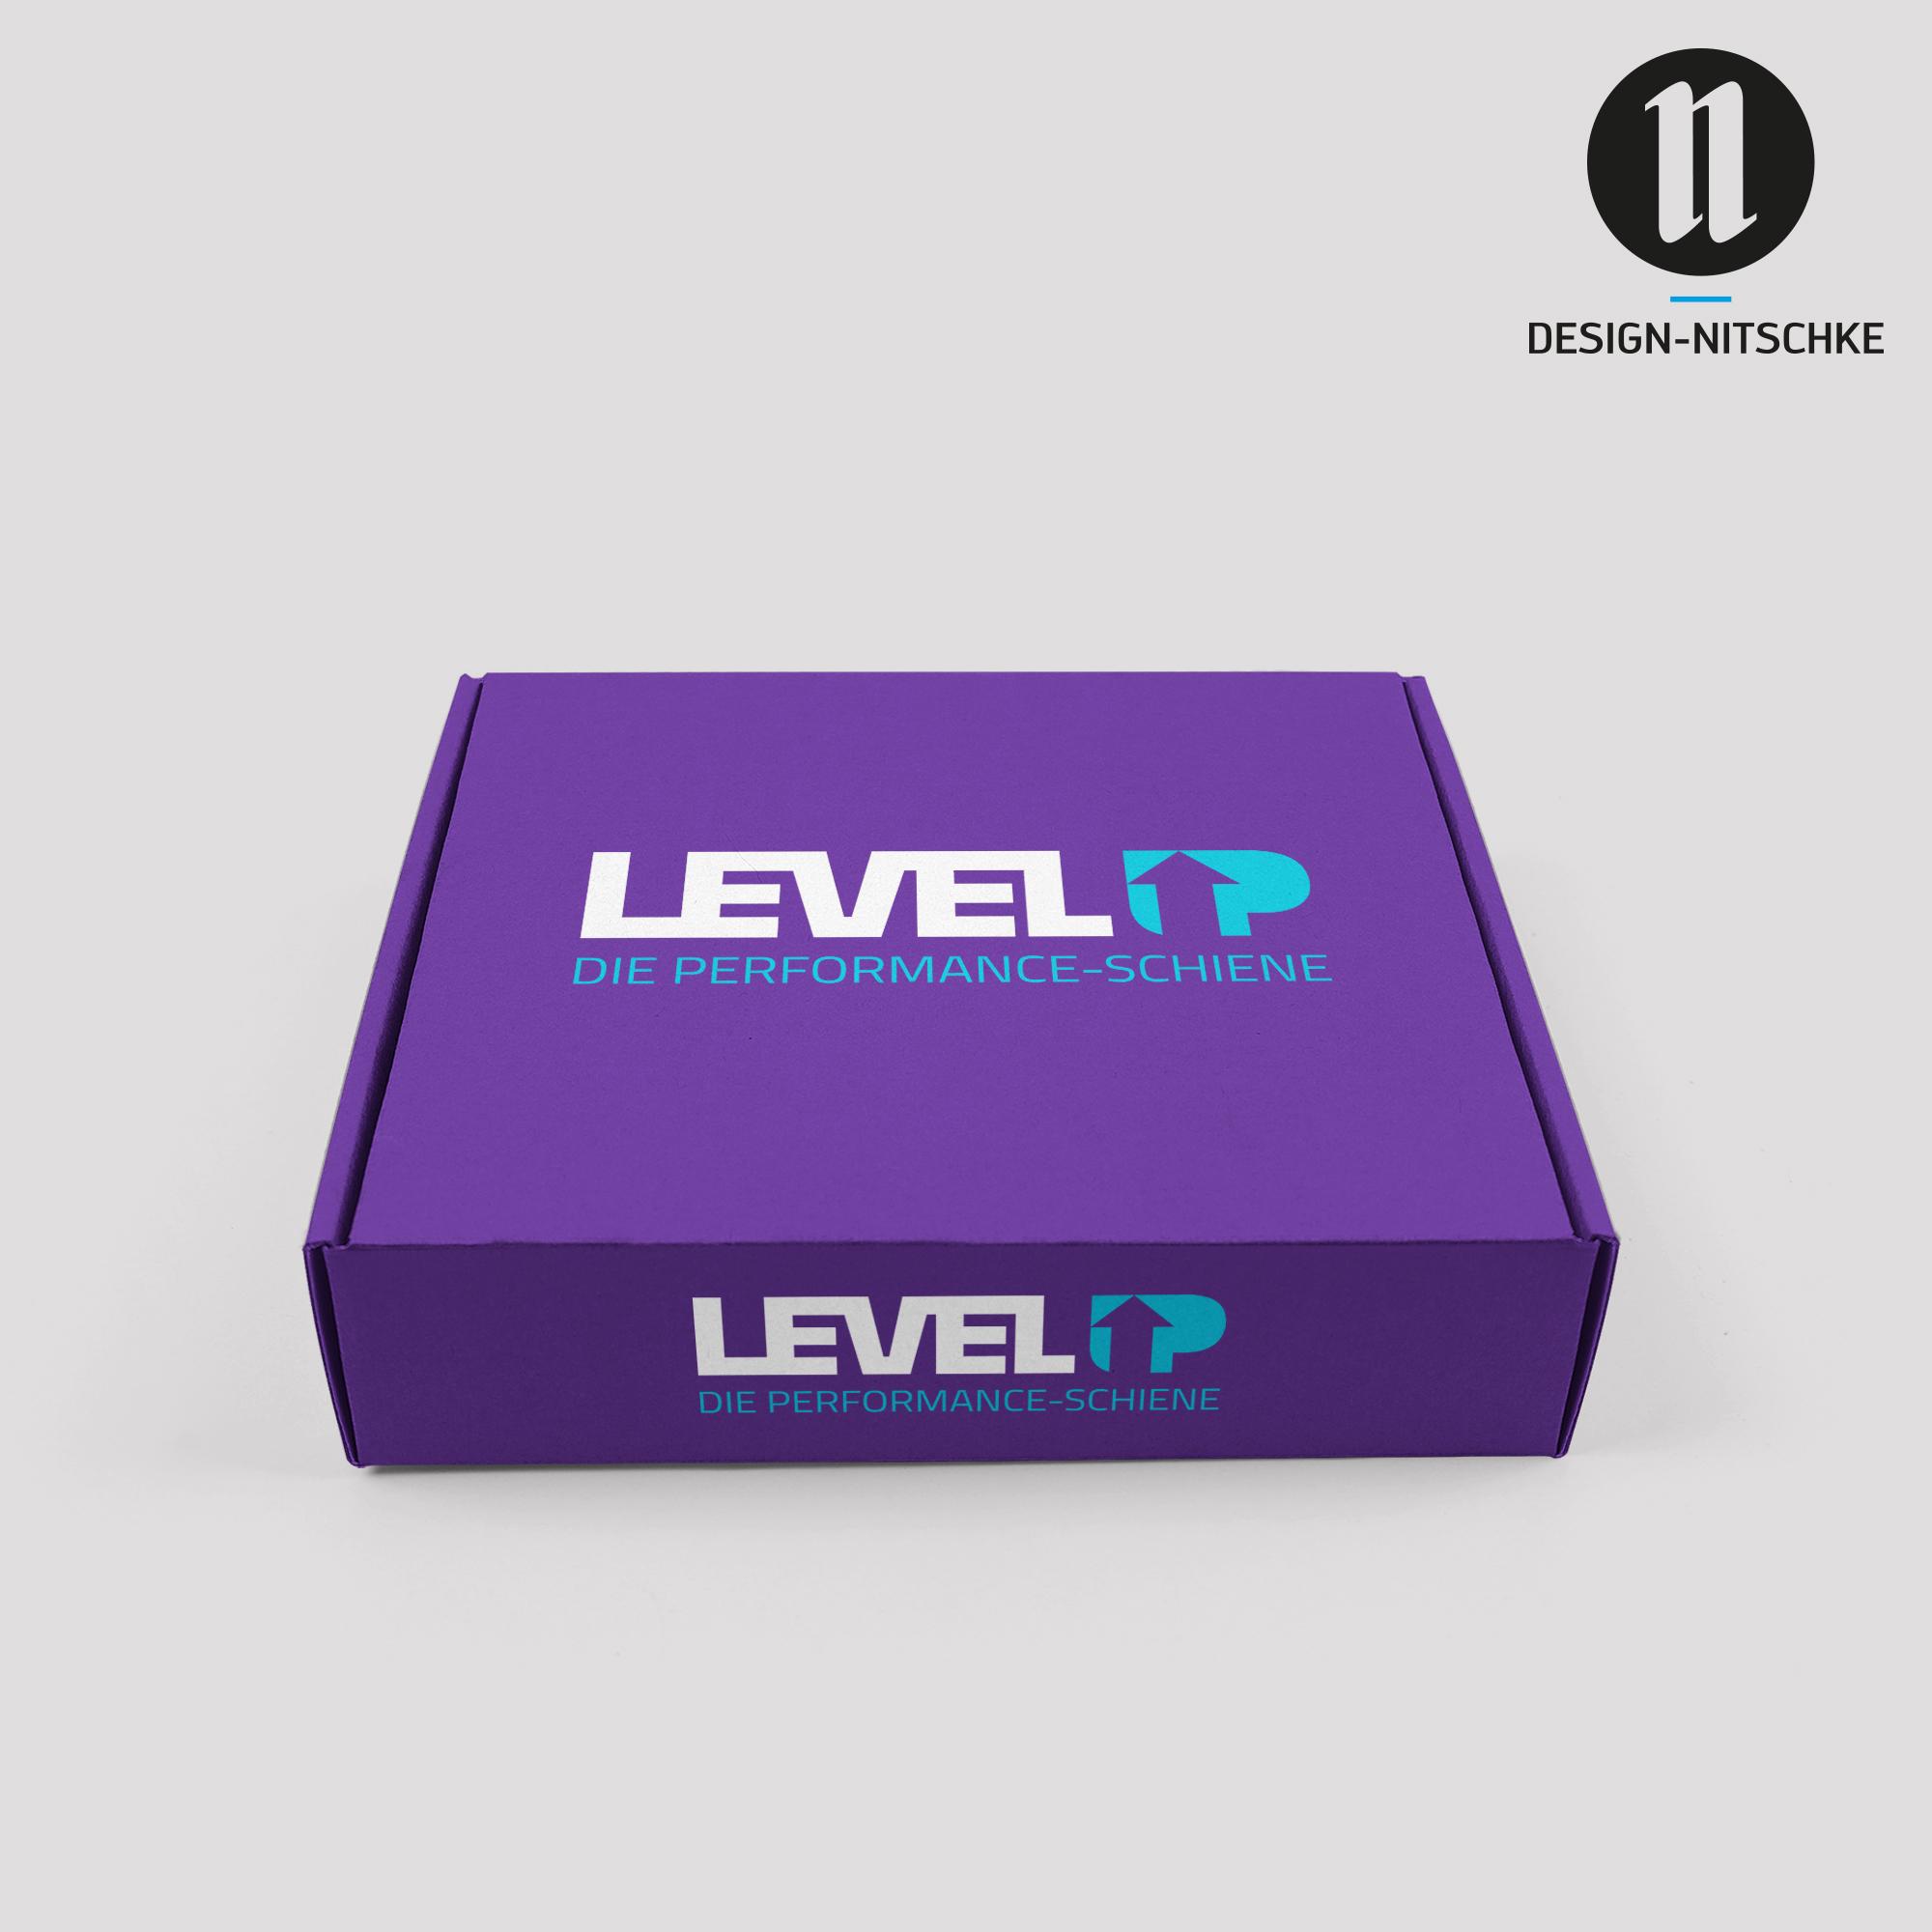 levelup_logo_oranienburg_design_nitschke_werbeagentur.jpg